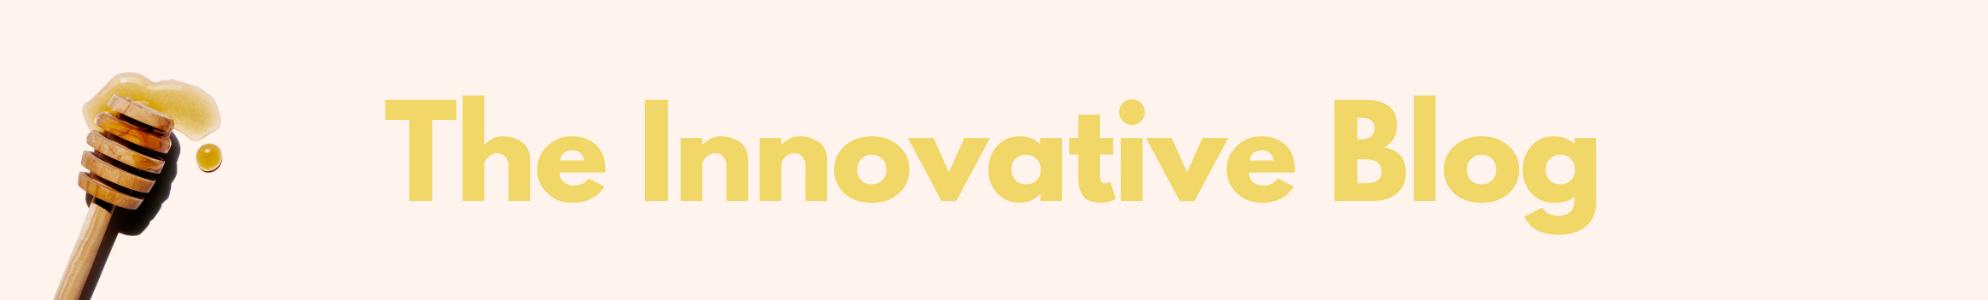 The Innovative Blog Hero Banner